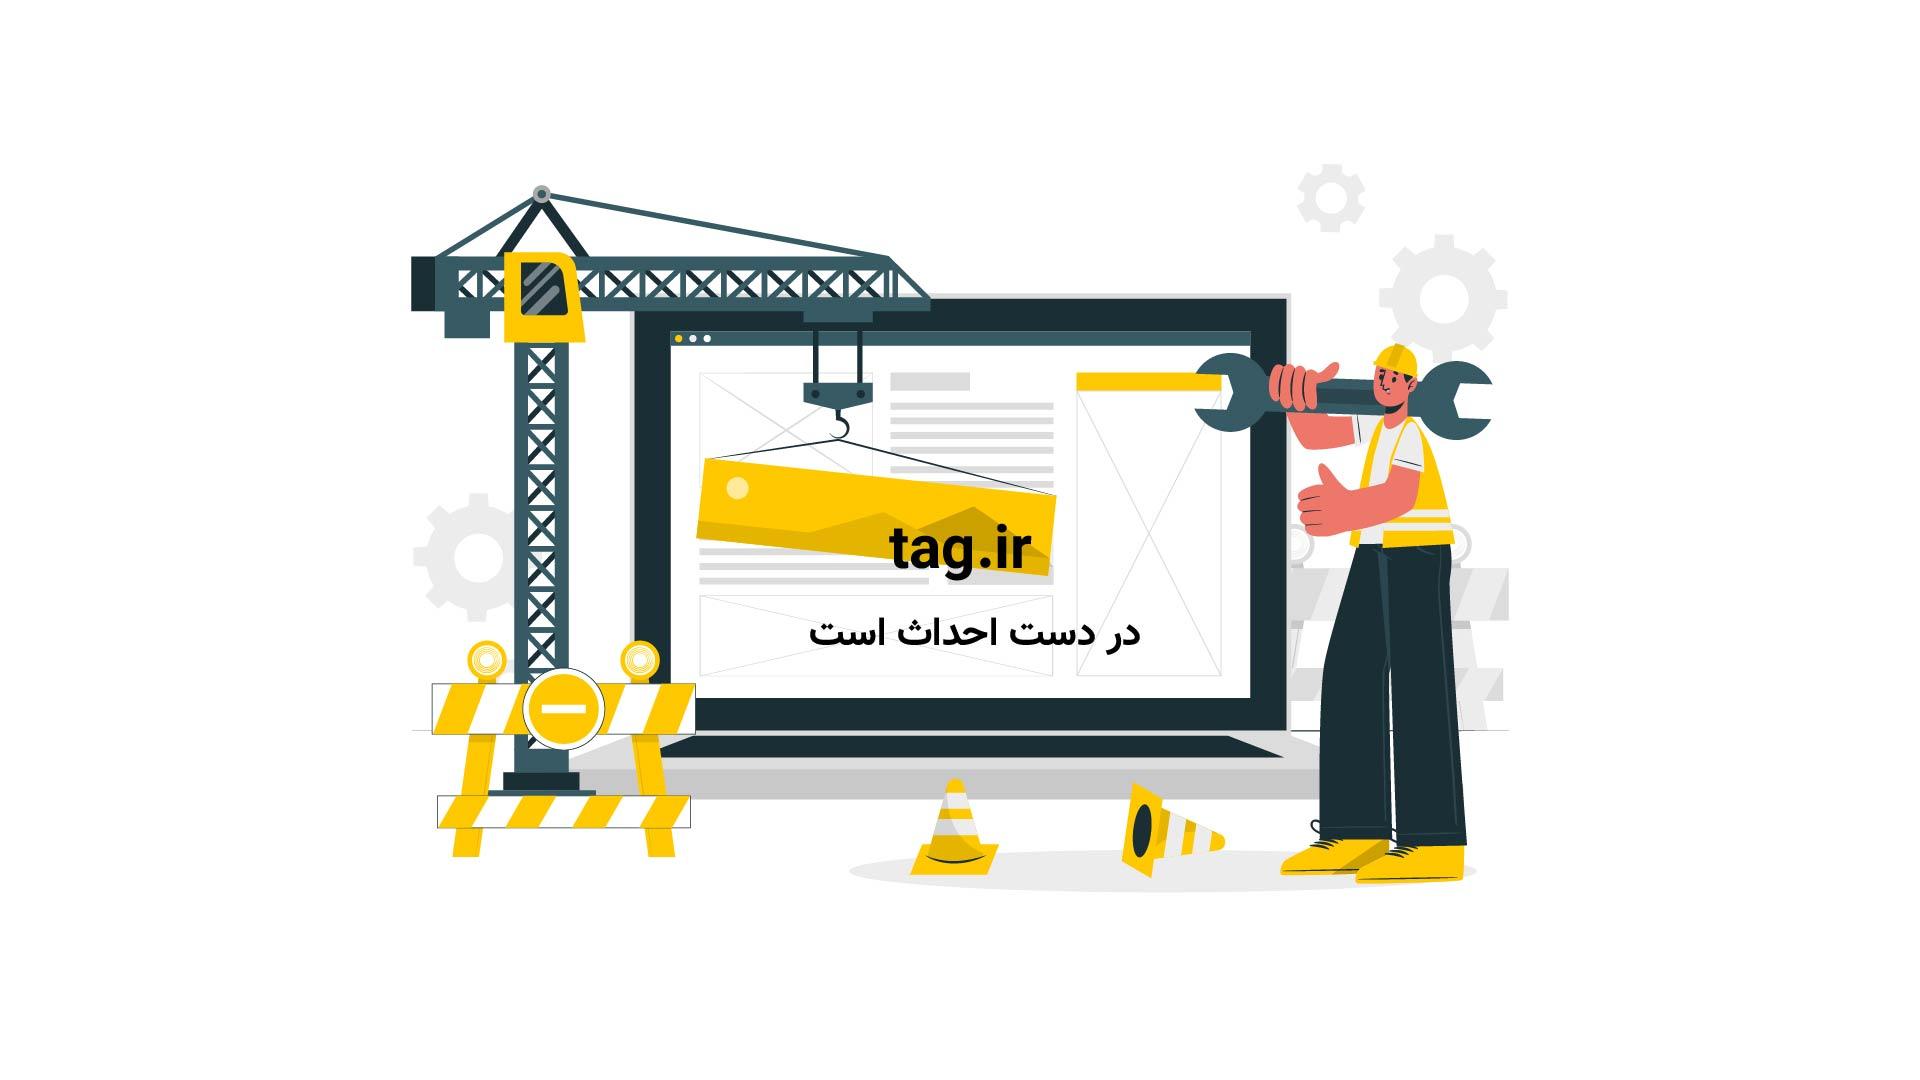 ساعت هوشمند جدید سامسونگ | فیلم